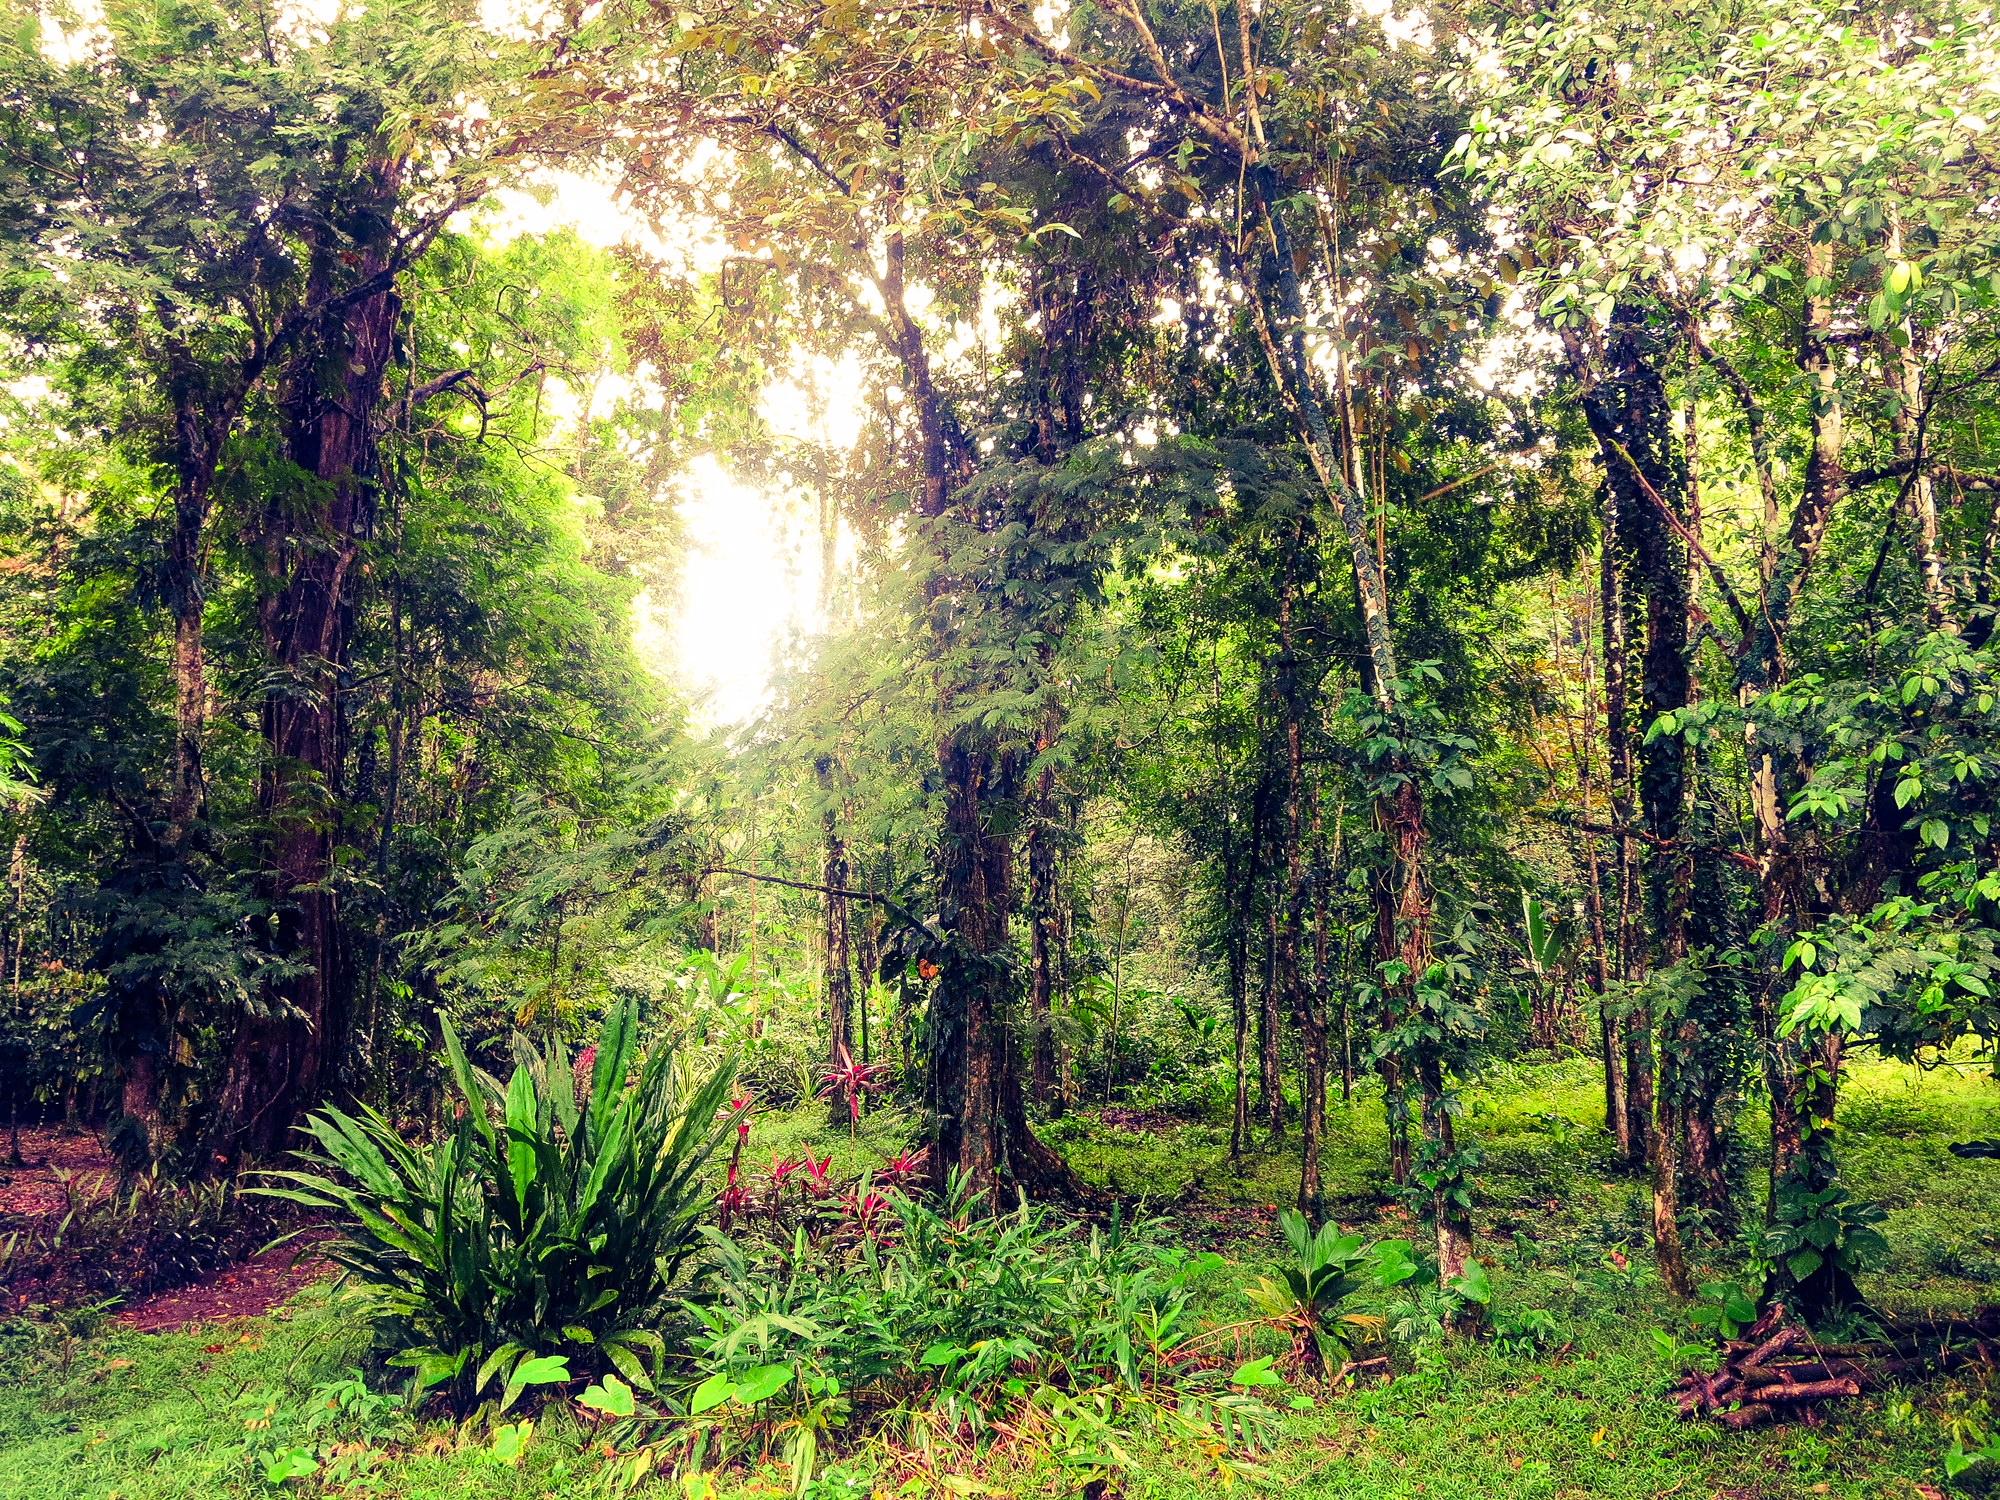 Ein wunderschöner Tropenwald in Costa Rica